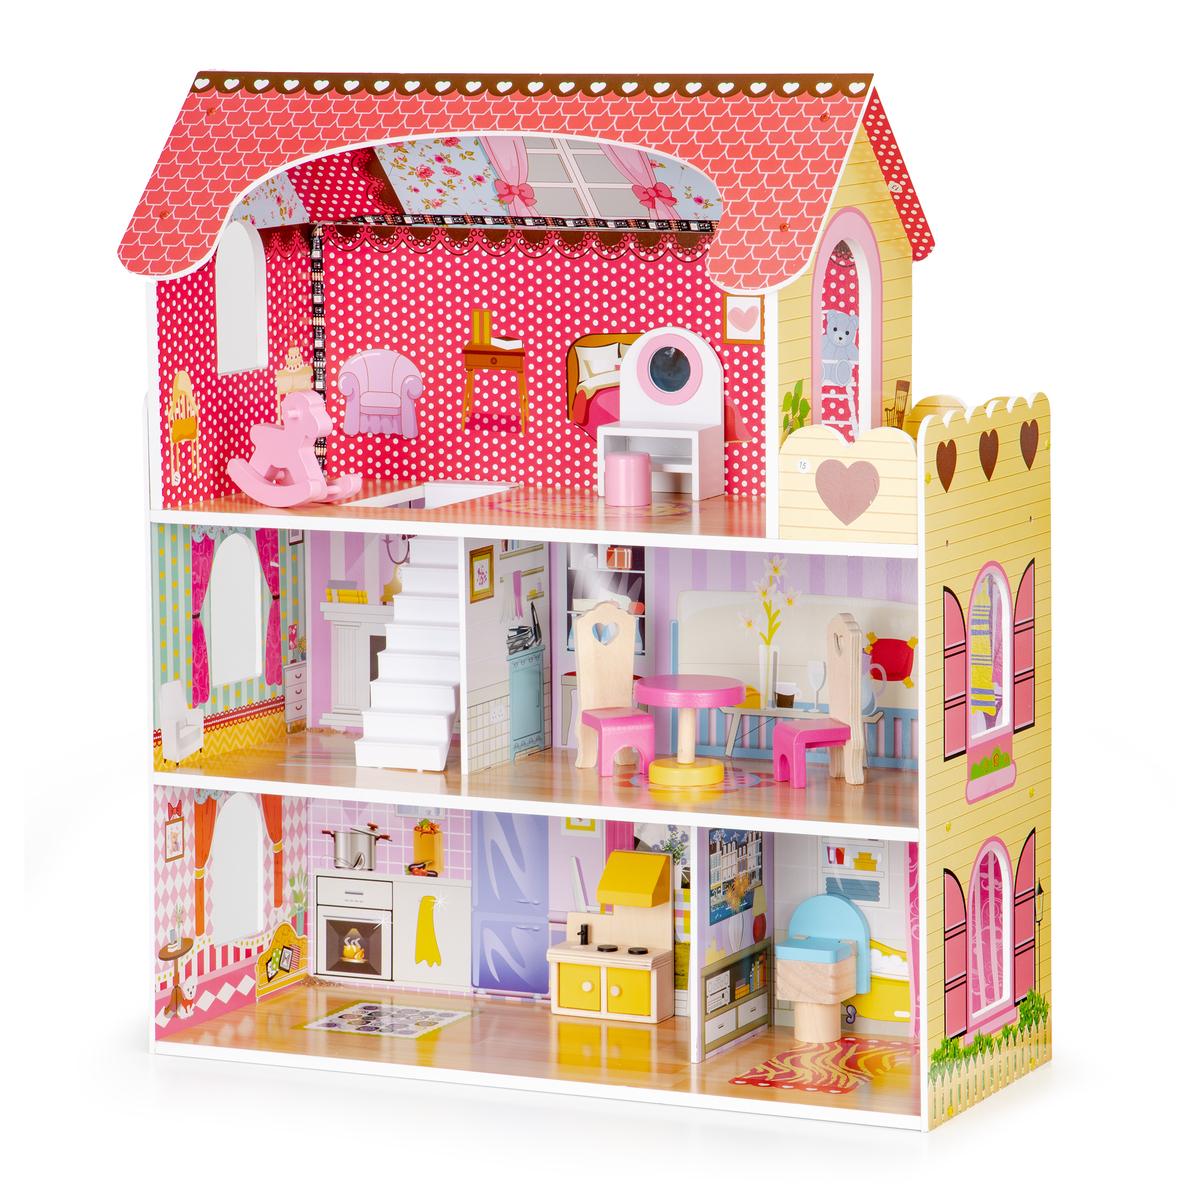 Drevený domček pre bábiky Madison dollhouse